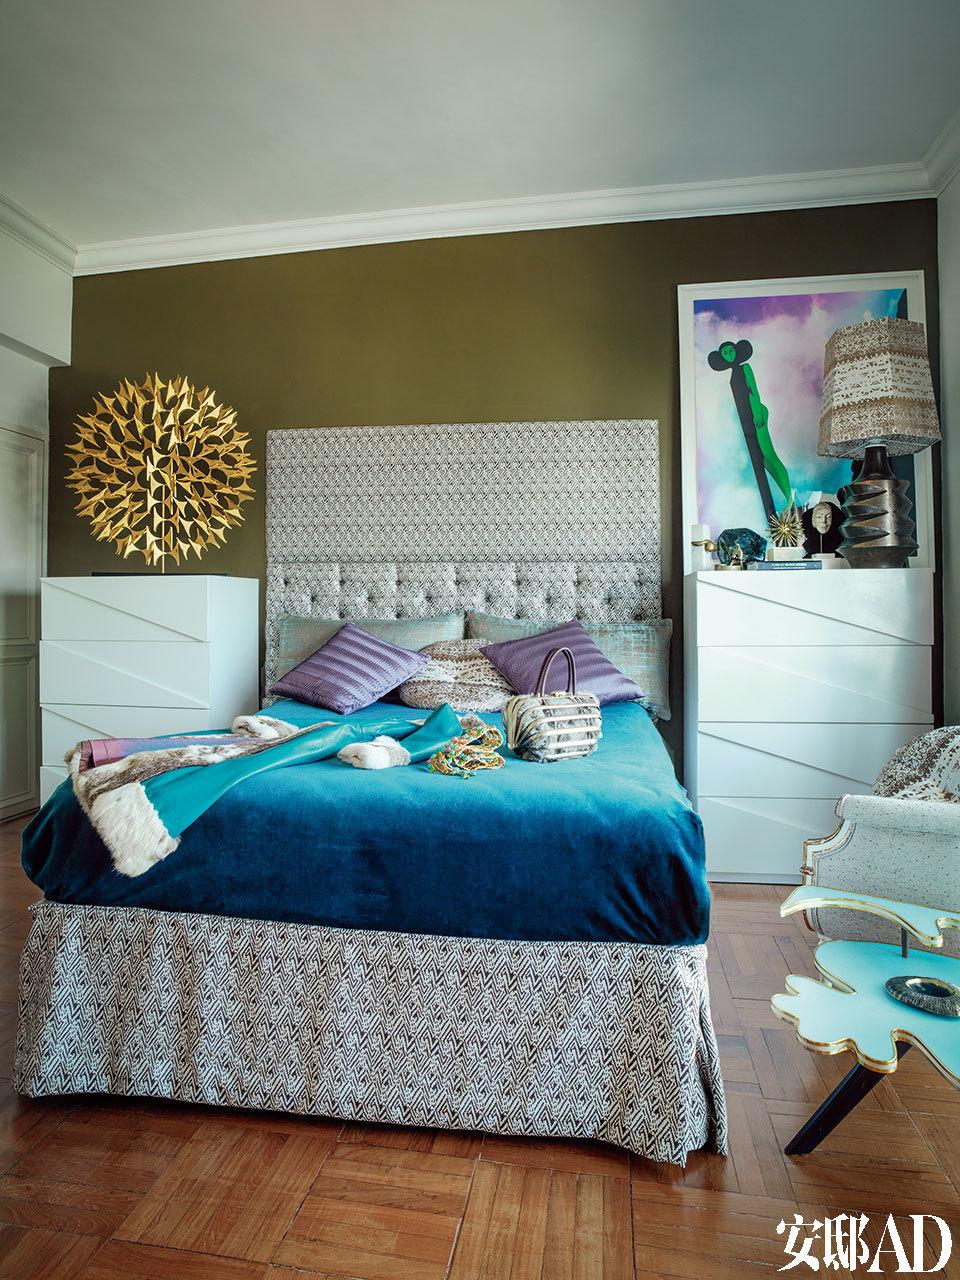 卧室选择了神秘的冷色,但仍然充满戏剧风格。Jenny-lyn说如果人生是一场戏,不如认真入戏。而家这个舞台则要倾心布景。在主卧室中,床头板被覆以来自香港的古董面料,床上的皮草大衣是上世纪60年代的古董衣。左边墙上的黄铜雕塑来自JL Collection,右边墙上的油画则是Tim Summerton的作品,来自The Cat Street Gallery。